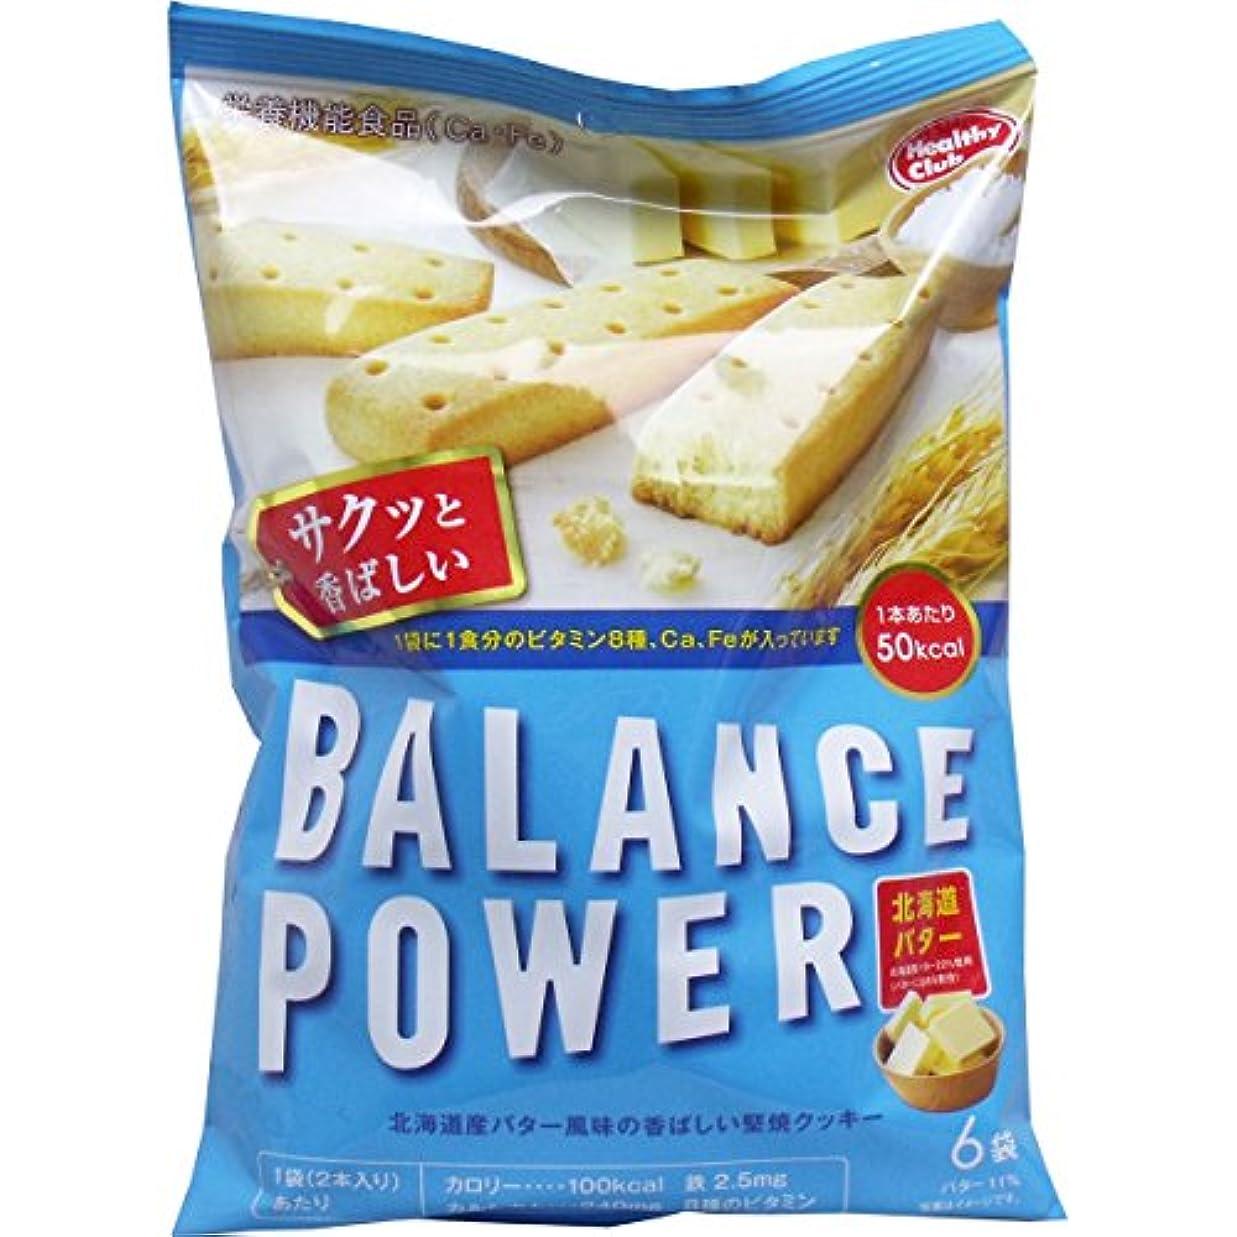 ただやる序文で出来ているバランスパワー 北海道バター味 6袋(12本)入